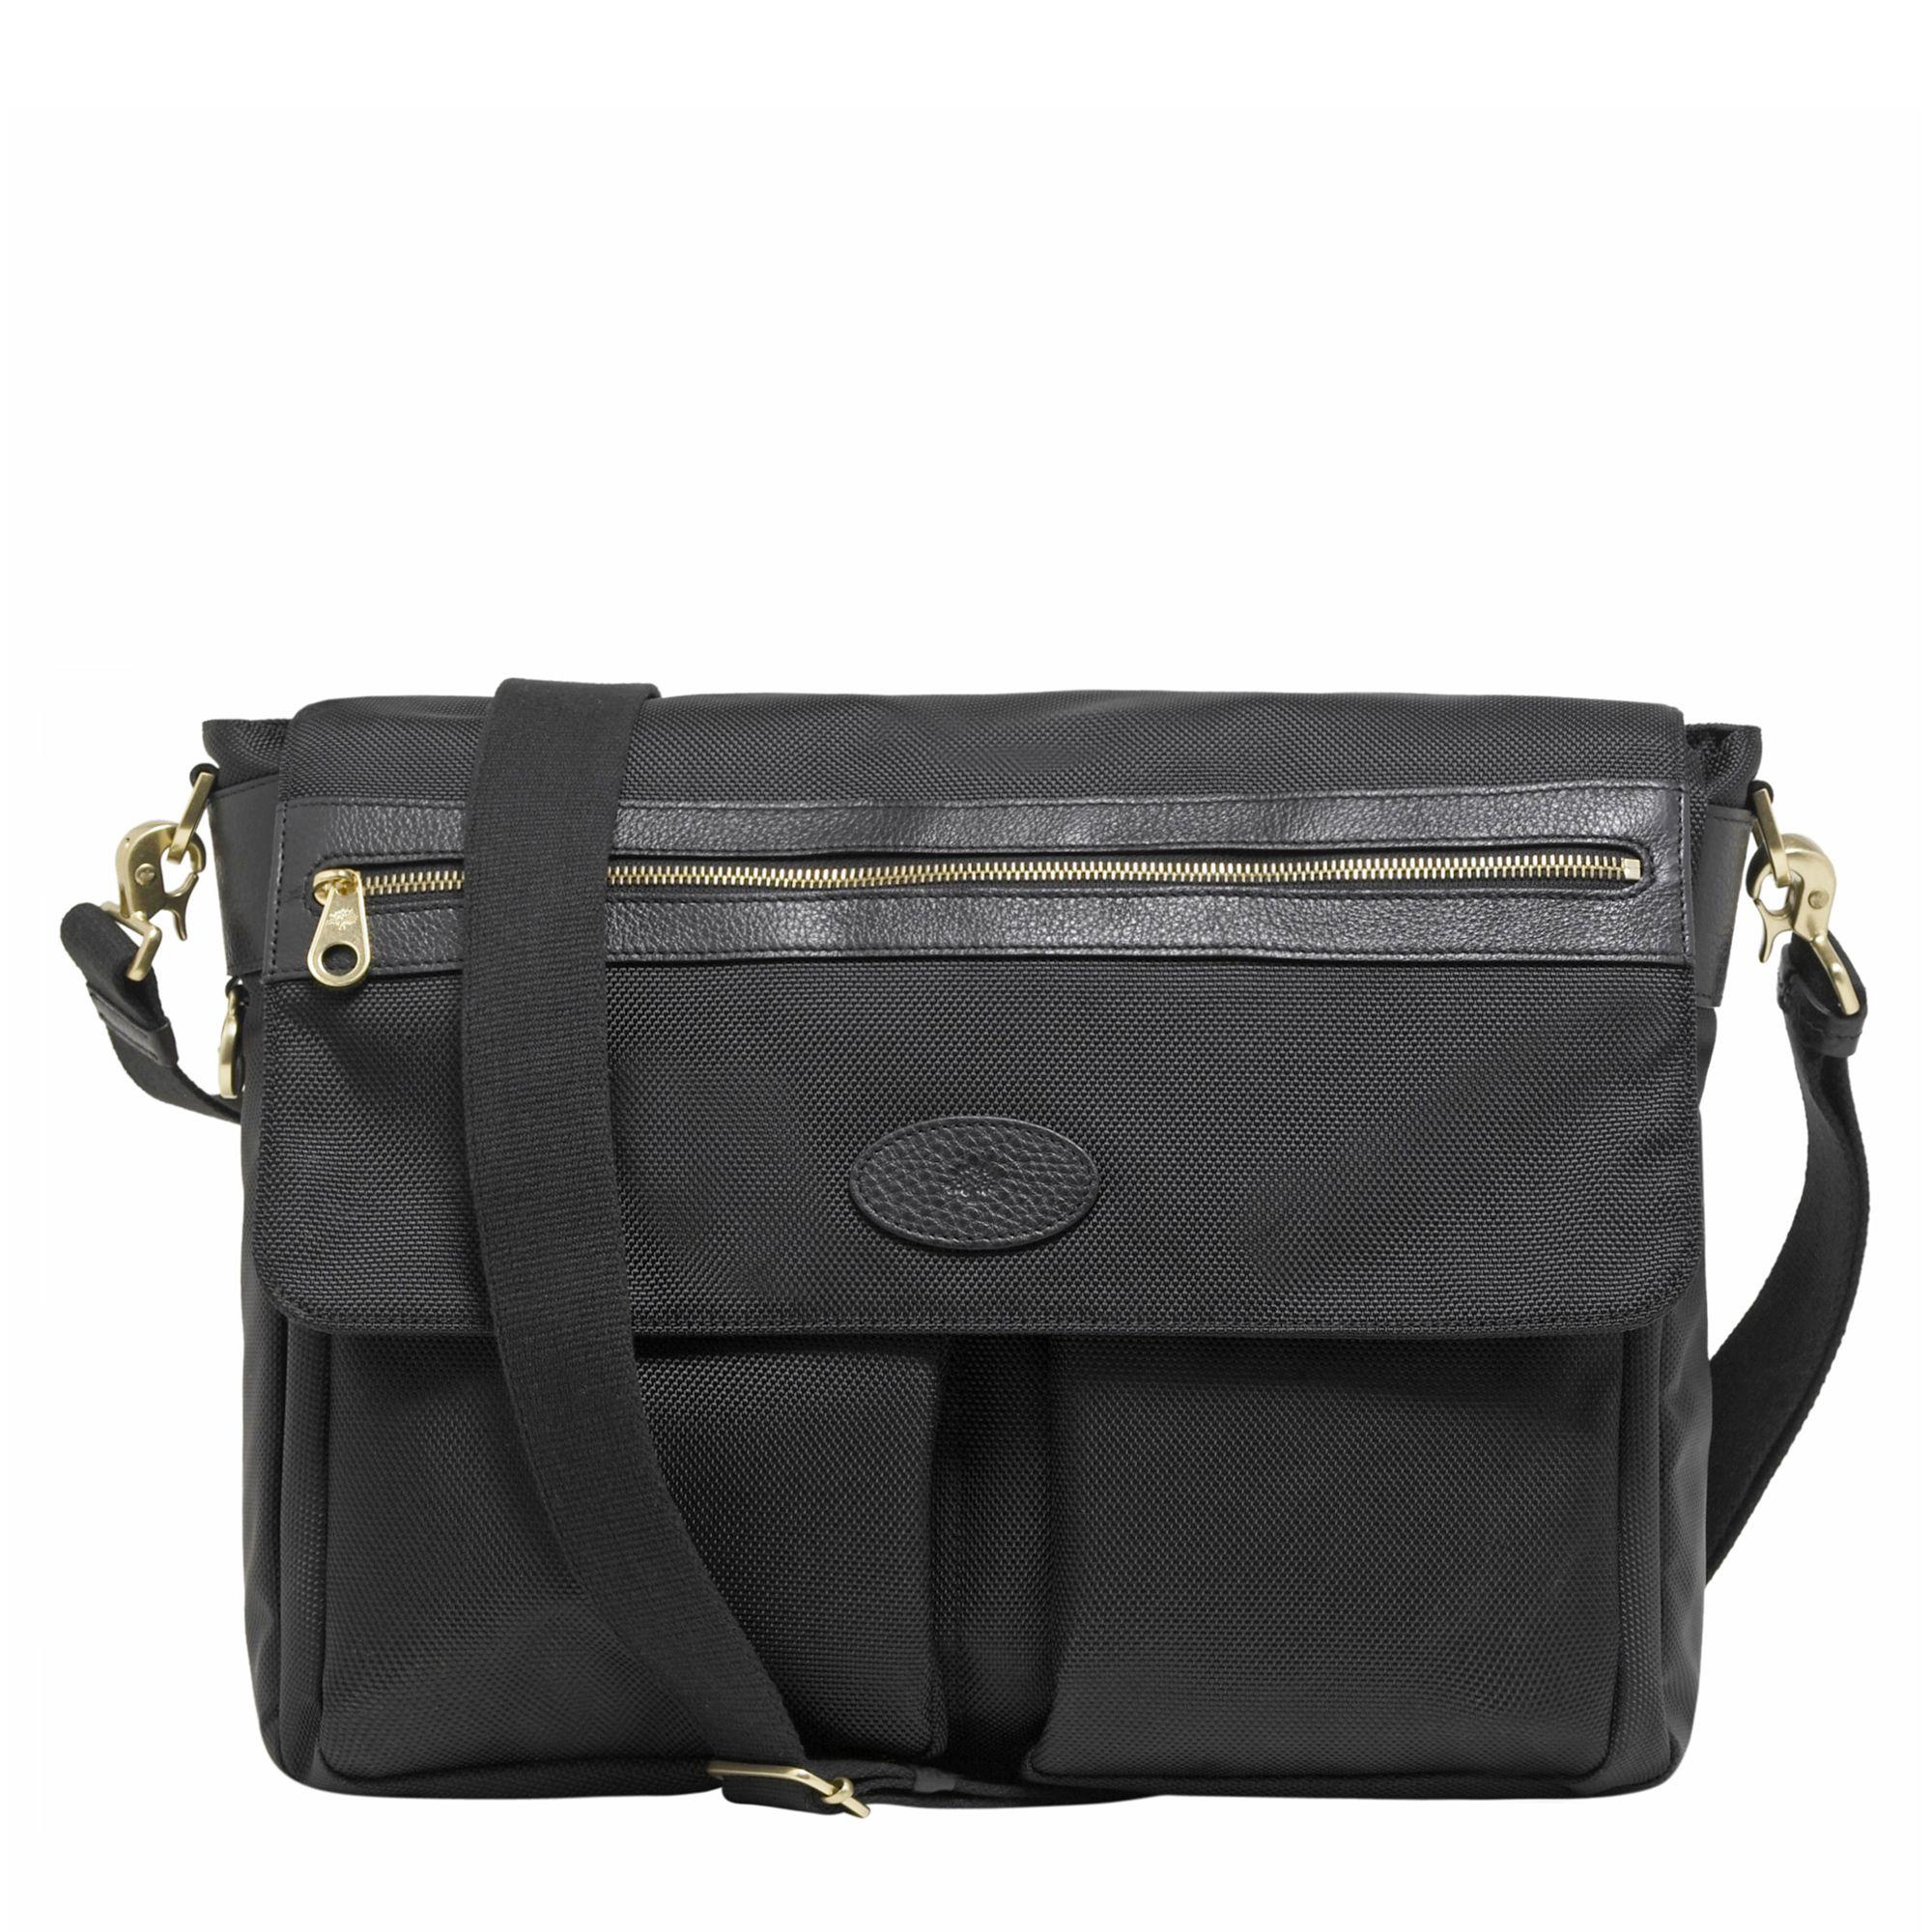 Mulberry Henry Nylon Messenger Bag Black in Black for Men - Lyst 65285594dd695